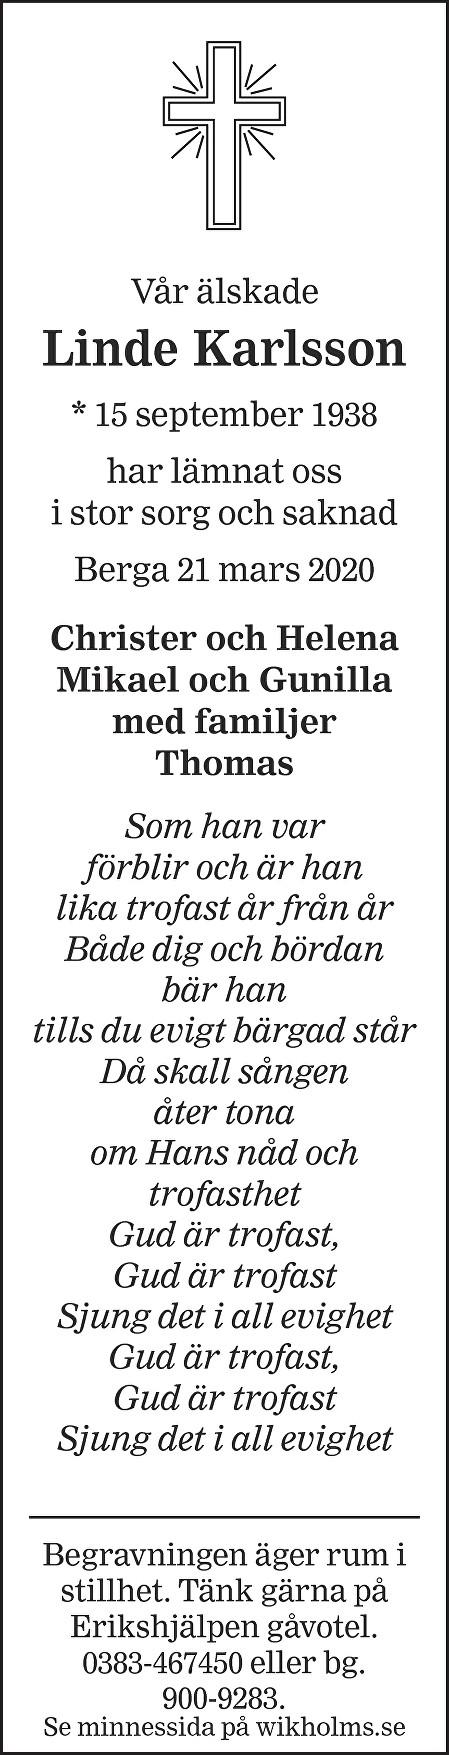 Linde Karlsson Death notice